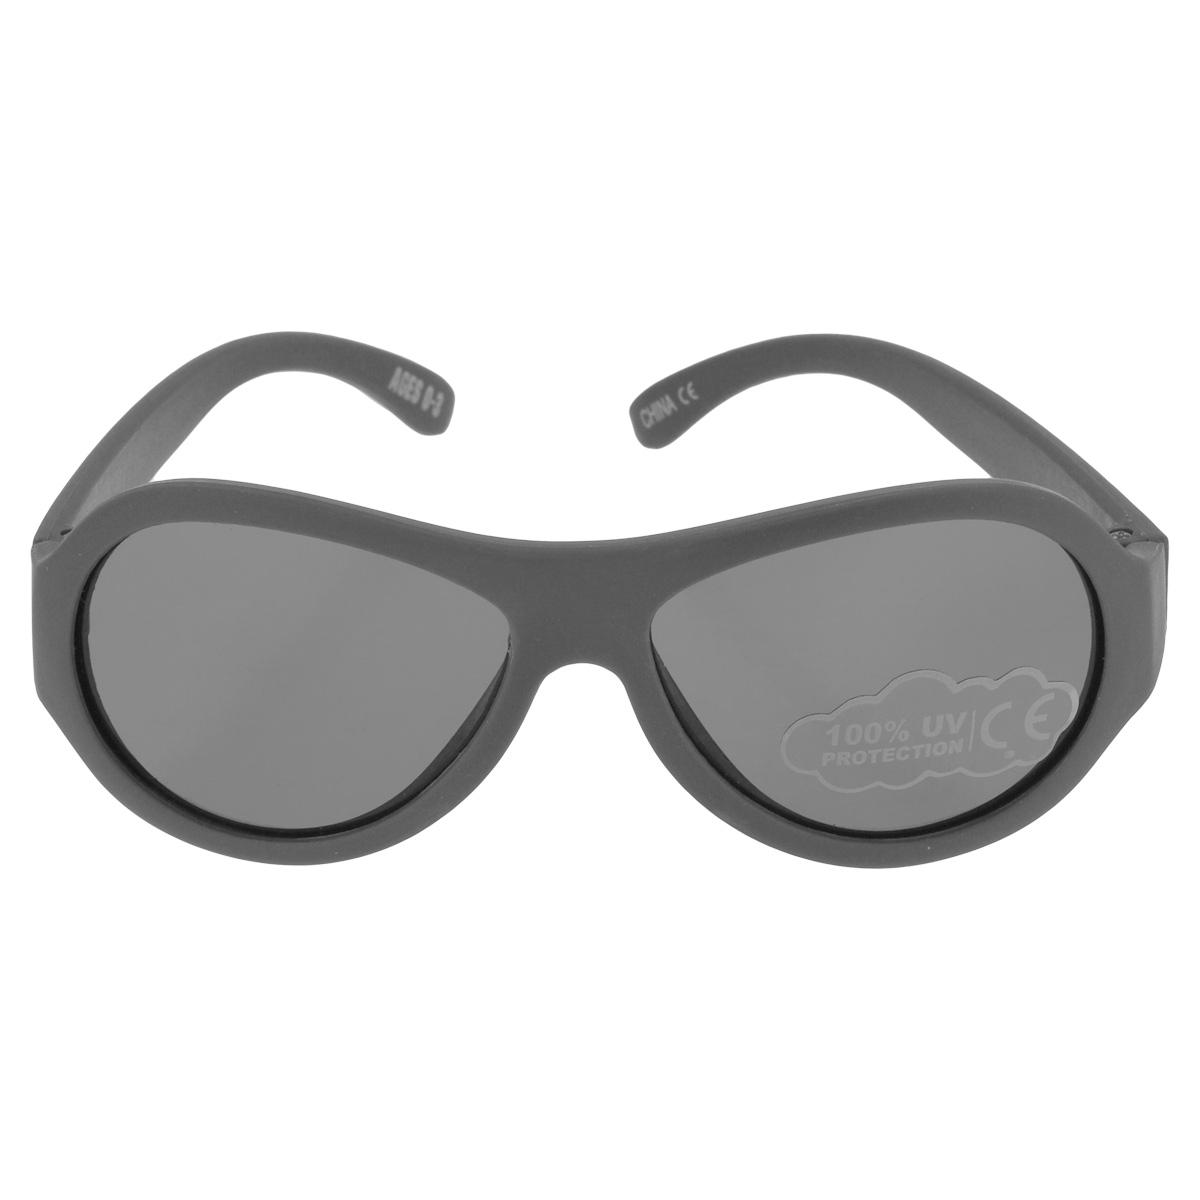 Детские солнцезащитные очки Babiators Галактика (Galactic), цвет: серый, 0-3 летBAB-074Вы делаете все возможное, чтобы ваши дети были здоровы и в безопасности. Шлемы для езды на велосипеде, солнцезащитный крем для прогулок на солнце... Но как насчёт влияния солнца на глазах вашего ребёнка? Правда в том, что сетчатка глаза у детей развивается вместе с самим ребёнком. Это означает, что глаза малышей не могут отфильтровать УФ-излучение. Проблема понятна - детям нужна настоящая защита, чтобы глазки были в безопасности, а зрение сильным. Каждая пара солнцезащитных очков Babiators для детей обеспечивает 100% защиту от UVA и UVB. Прочные линзы высшего качества не подведут в самых сложных переделках. В отличие от обычных пластиковых очков, оправа Babiators выполнена из гибкого прорезиненного материала, что делает их ударопрочными, их можно сгибать и крутить - они не сломаются и вернутся в прежнюю форму. Не бойтесь, что ребёнок сядет на них - они всё выдержат. Будьте уверены, что очки Babiators созданы безопасными, прочными и классными, так что вы и ваш ребенок можете...